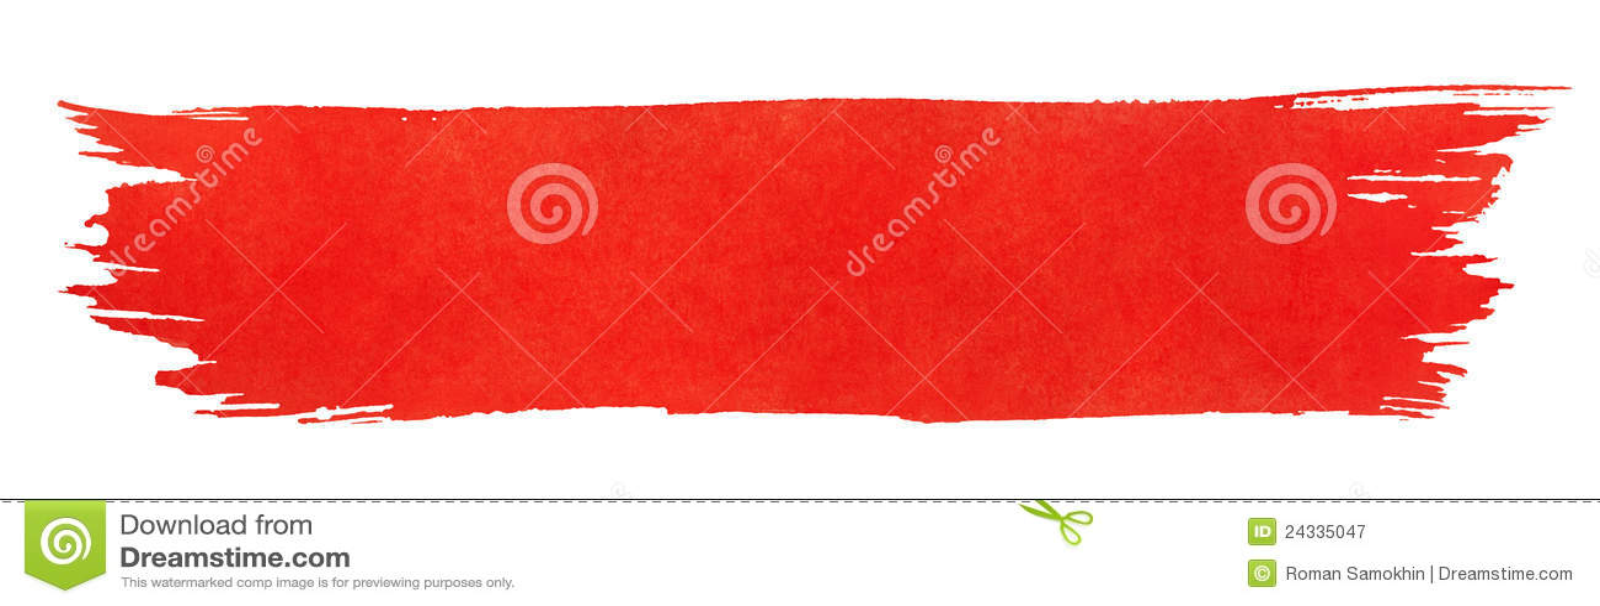 Rappe rouge de pinceau